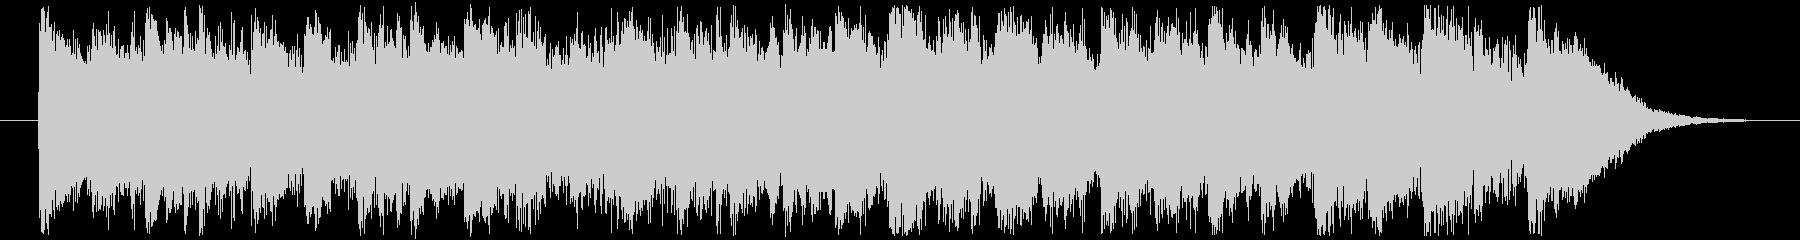 ジングルベル CMサイズの未再生の波形